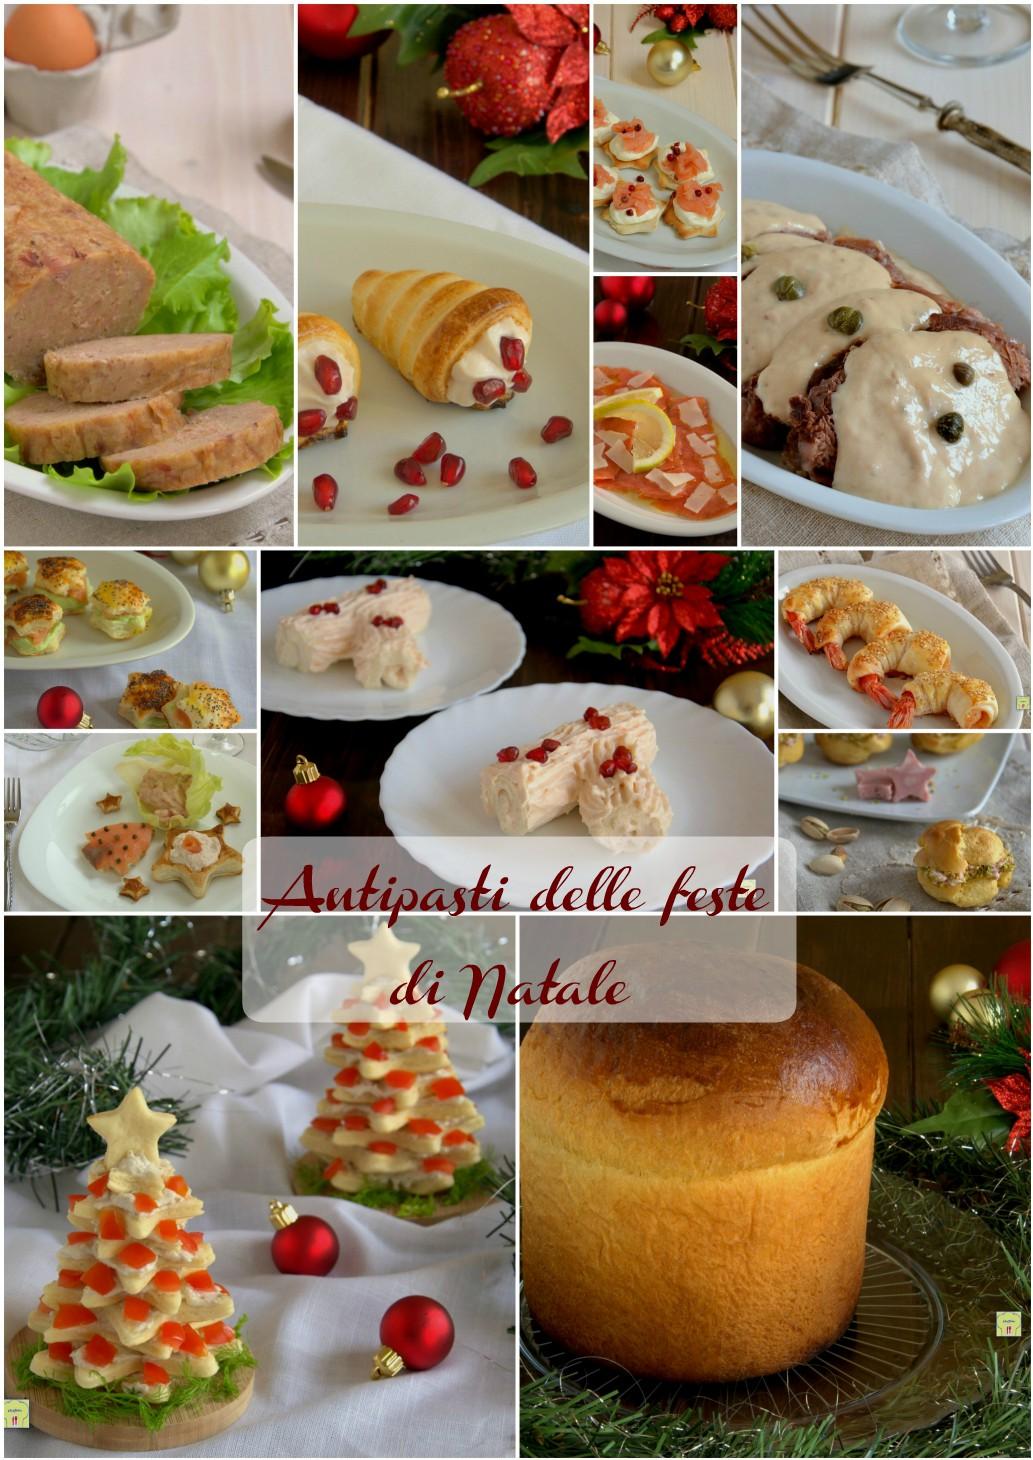 Antipasti Delle Feste Di Natale.Antipasti Delle Feste Di Natale Ricette Di Natale Facili E Gustose